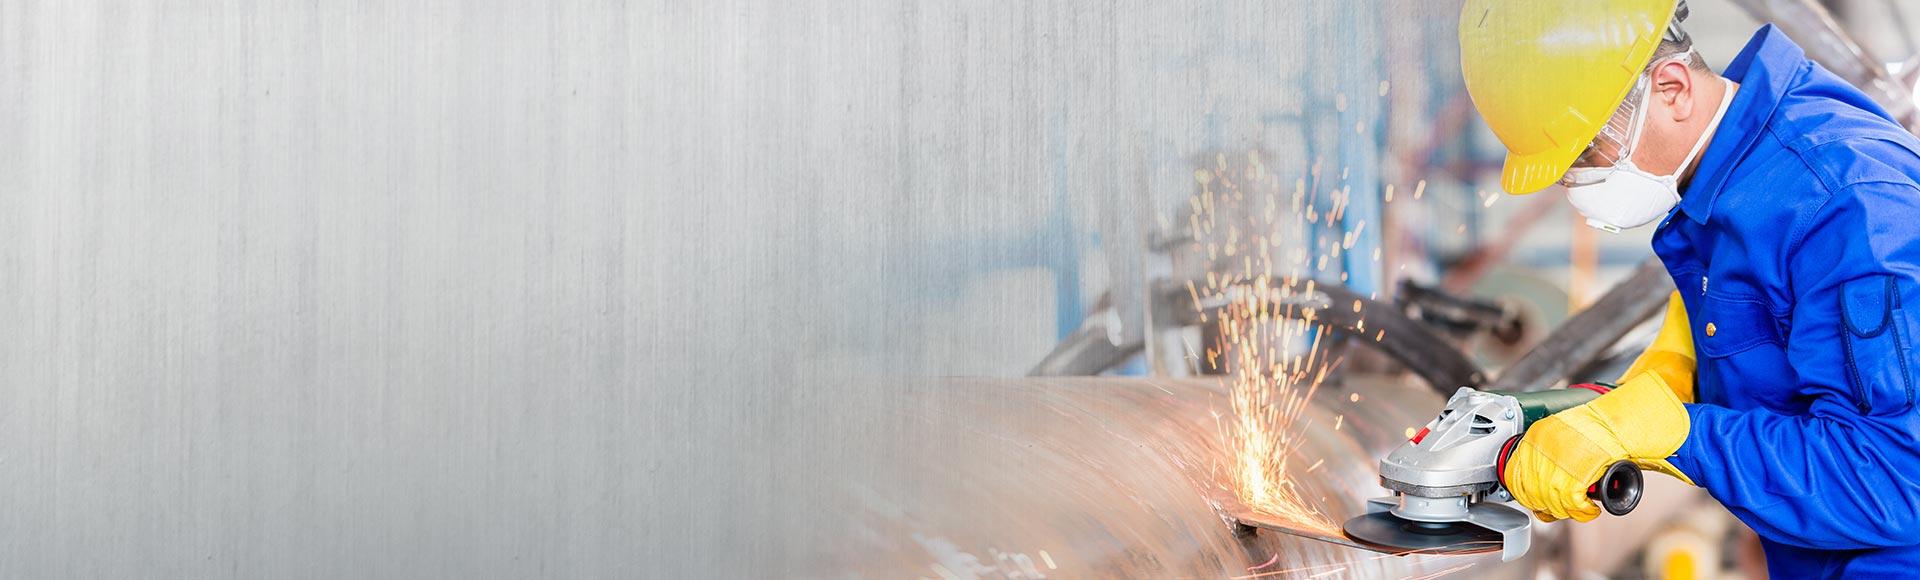 Link zu Blechbearbeitungsmaschinen von Blechpartner.de